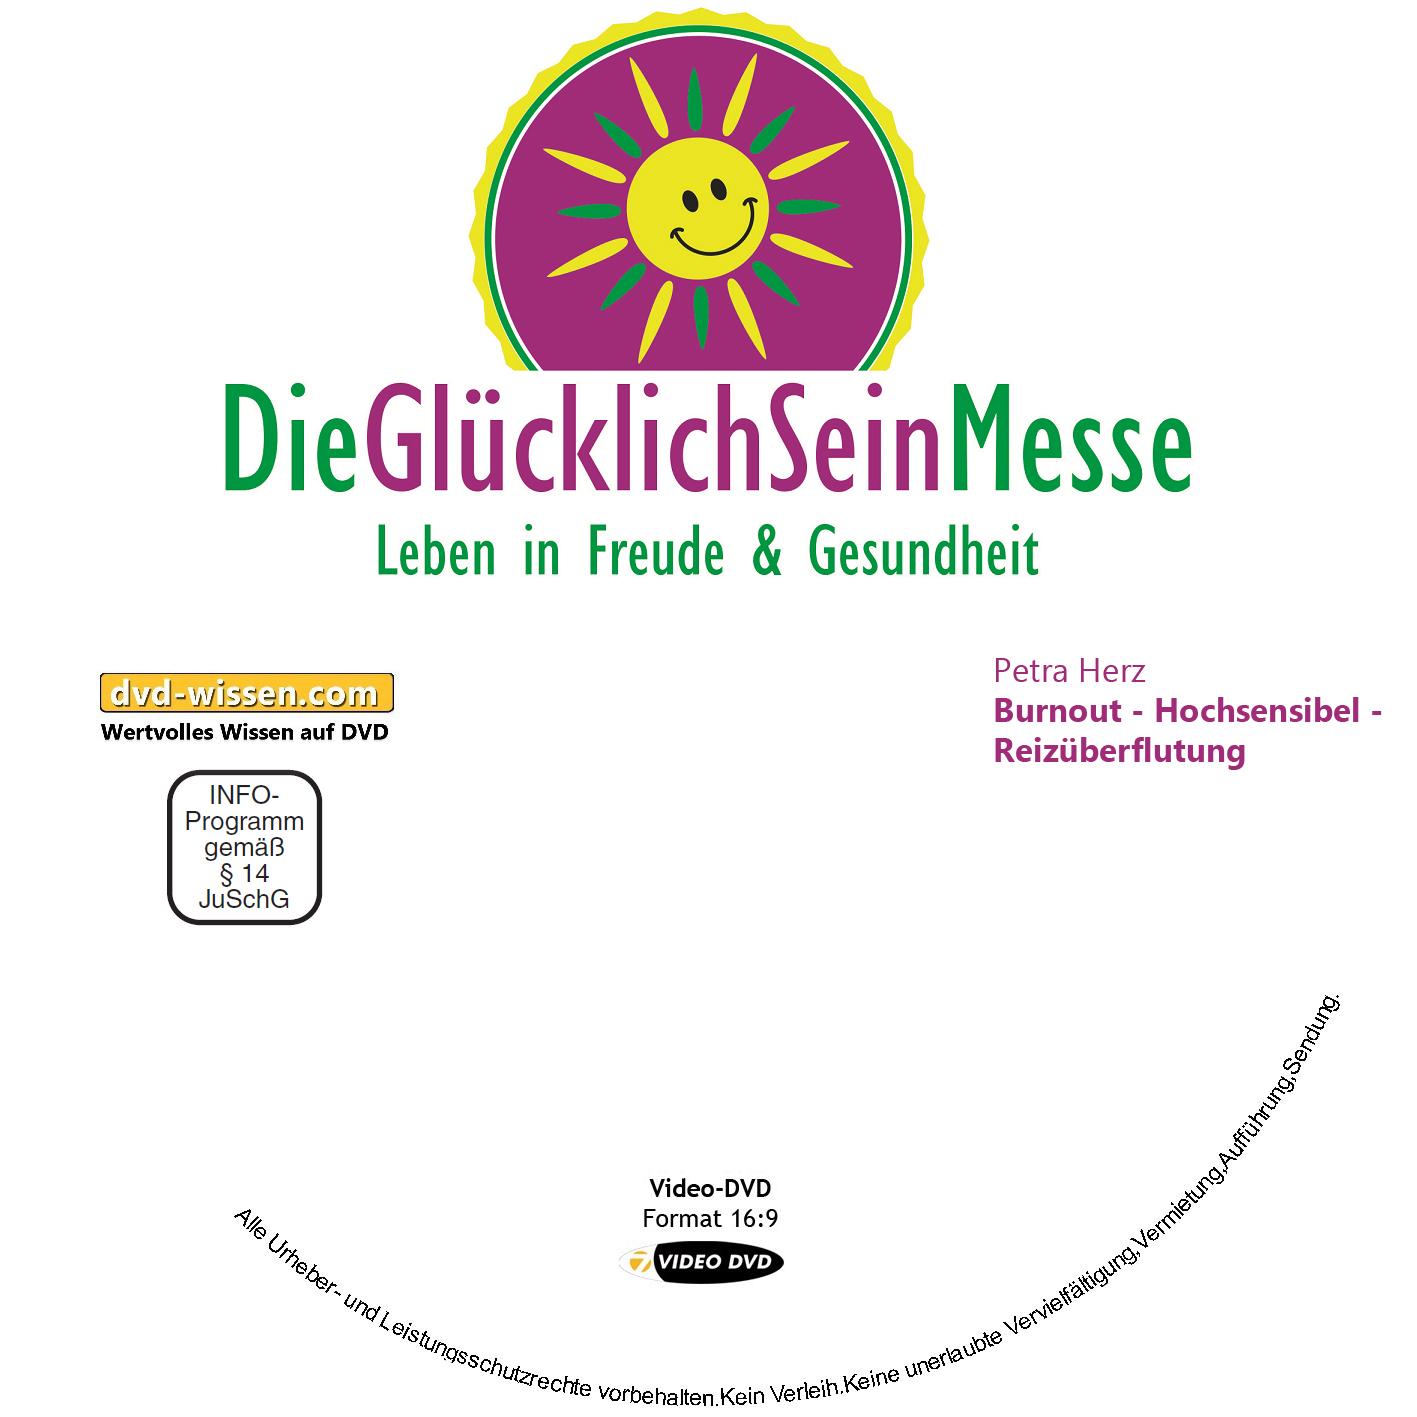 Petra Herz: Burnout - Hochsensibel - Reizüberflutung 1 DVD-Wissen - Experten Know How